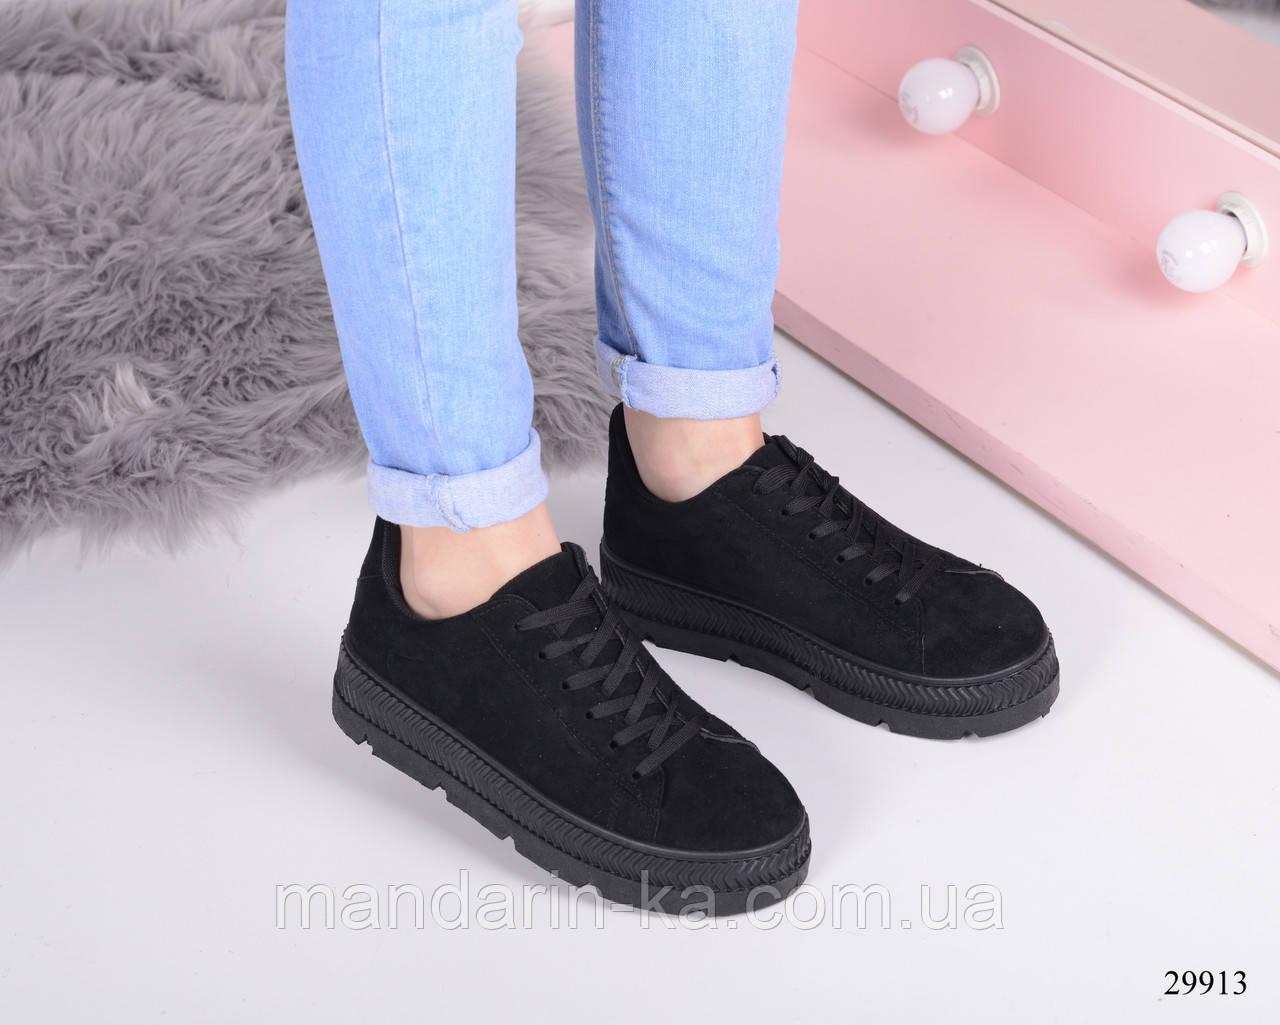 Женские  кроссовки  черные на толстой подошве